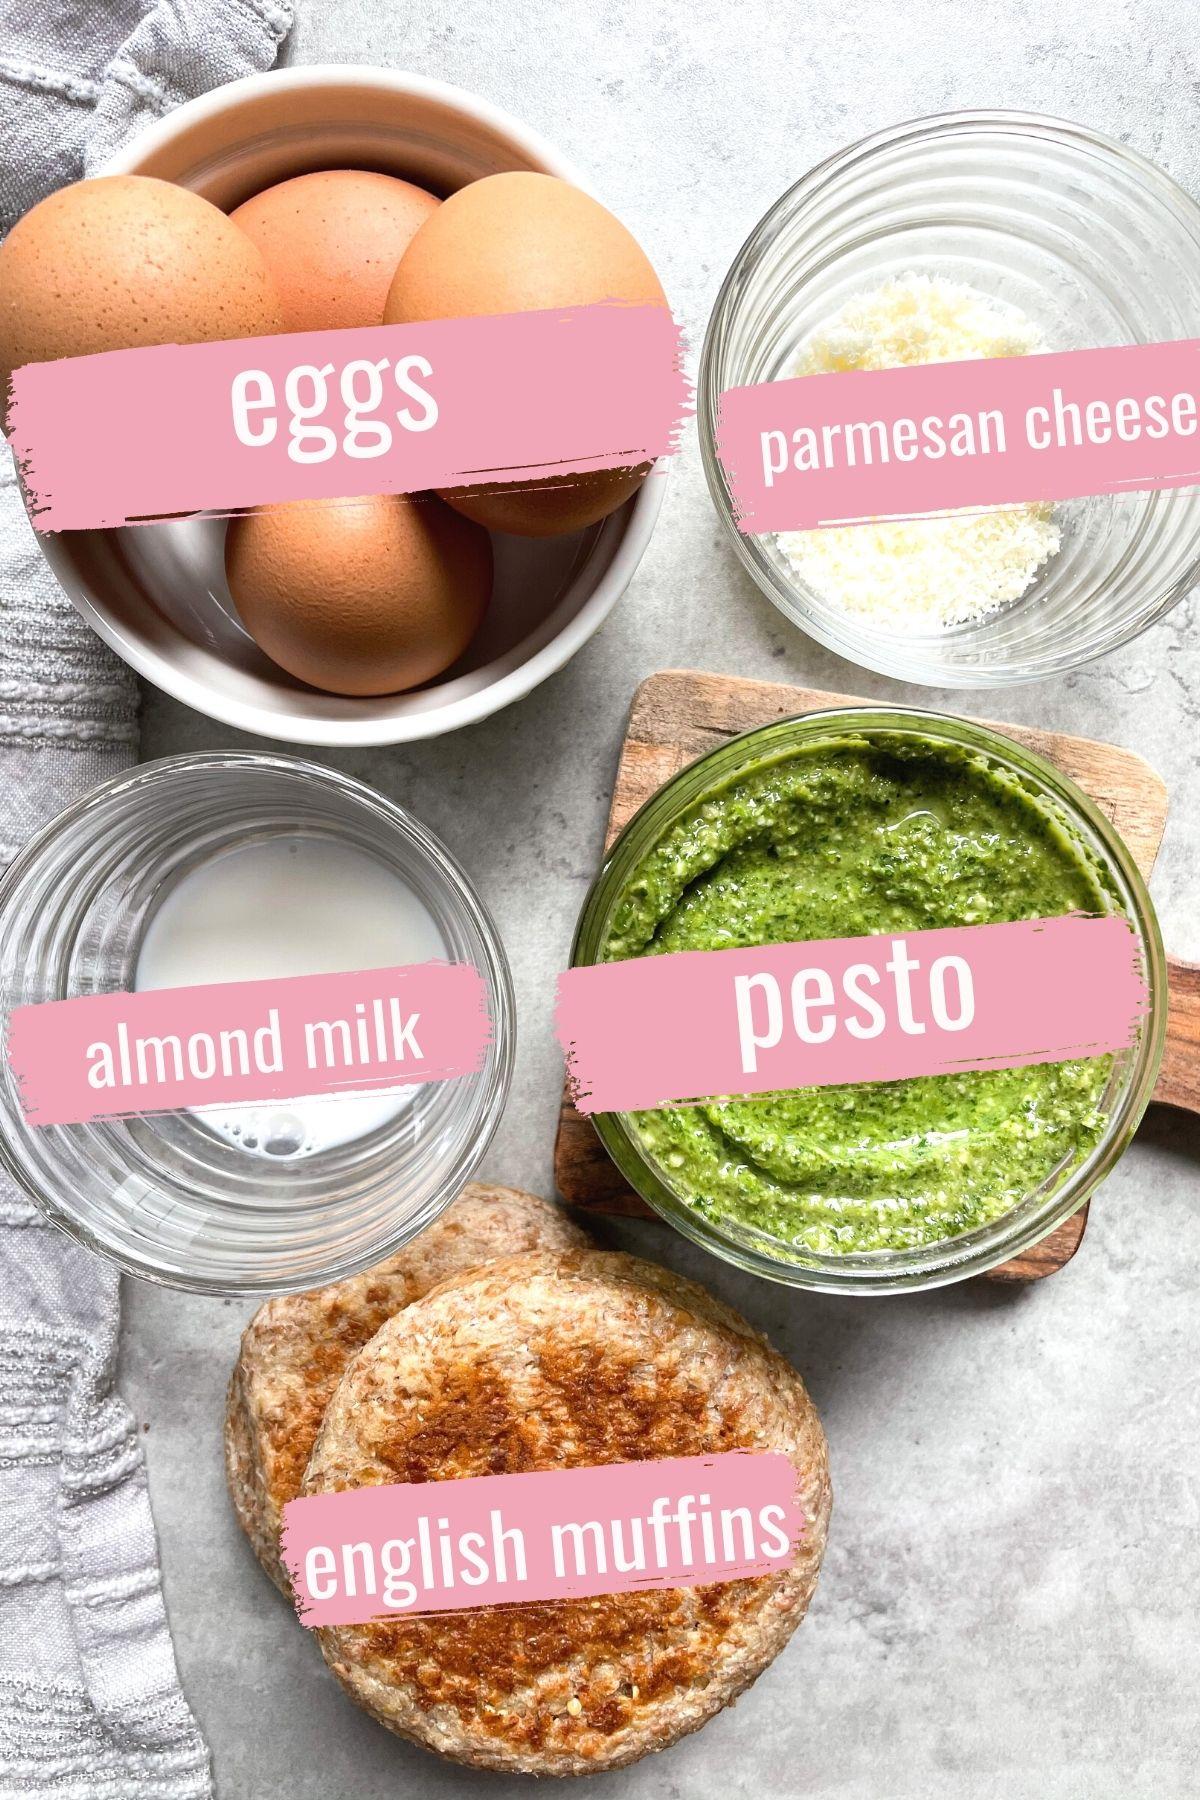 ingredients in bowls for breakfast sandwich